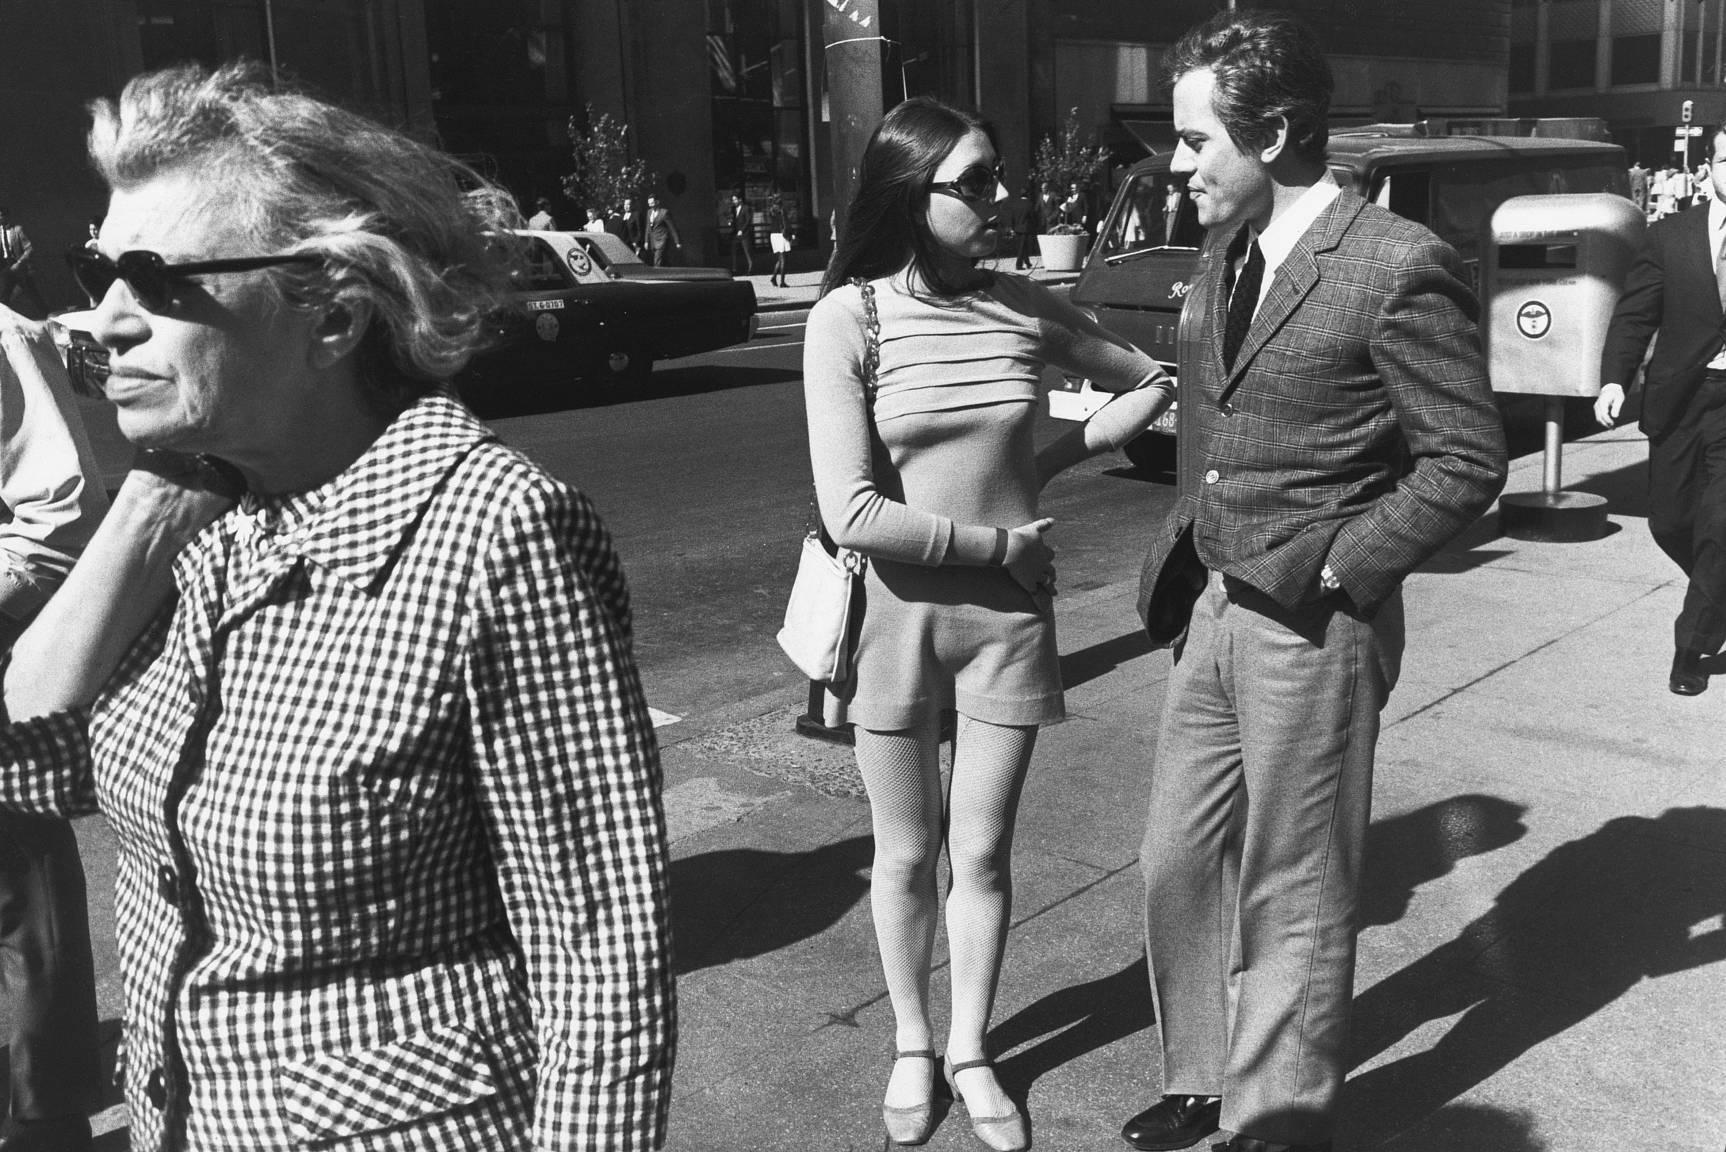 women on street 8